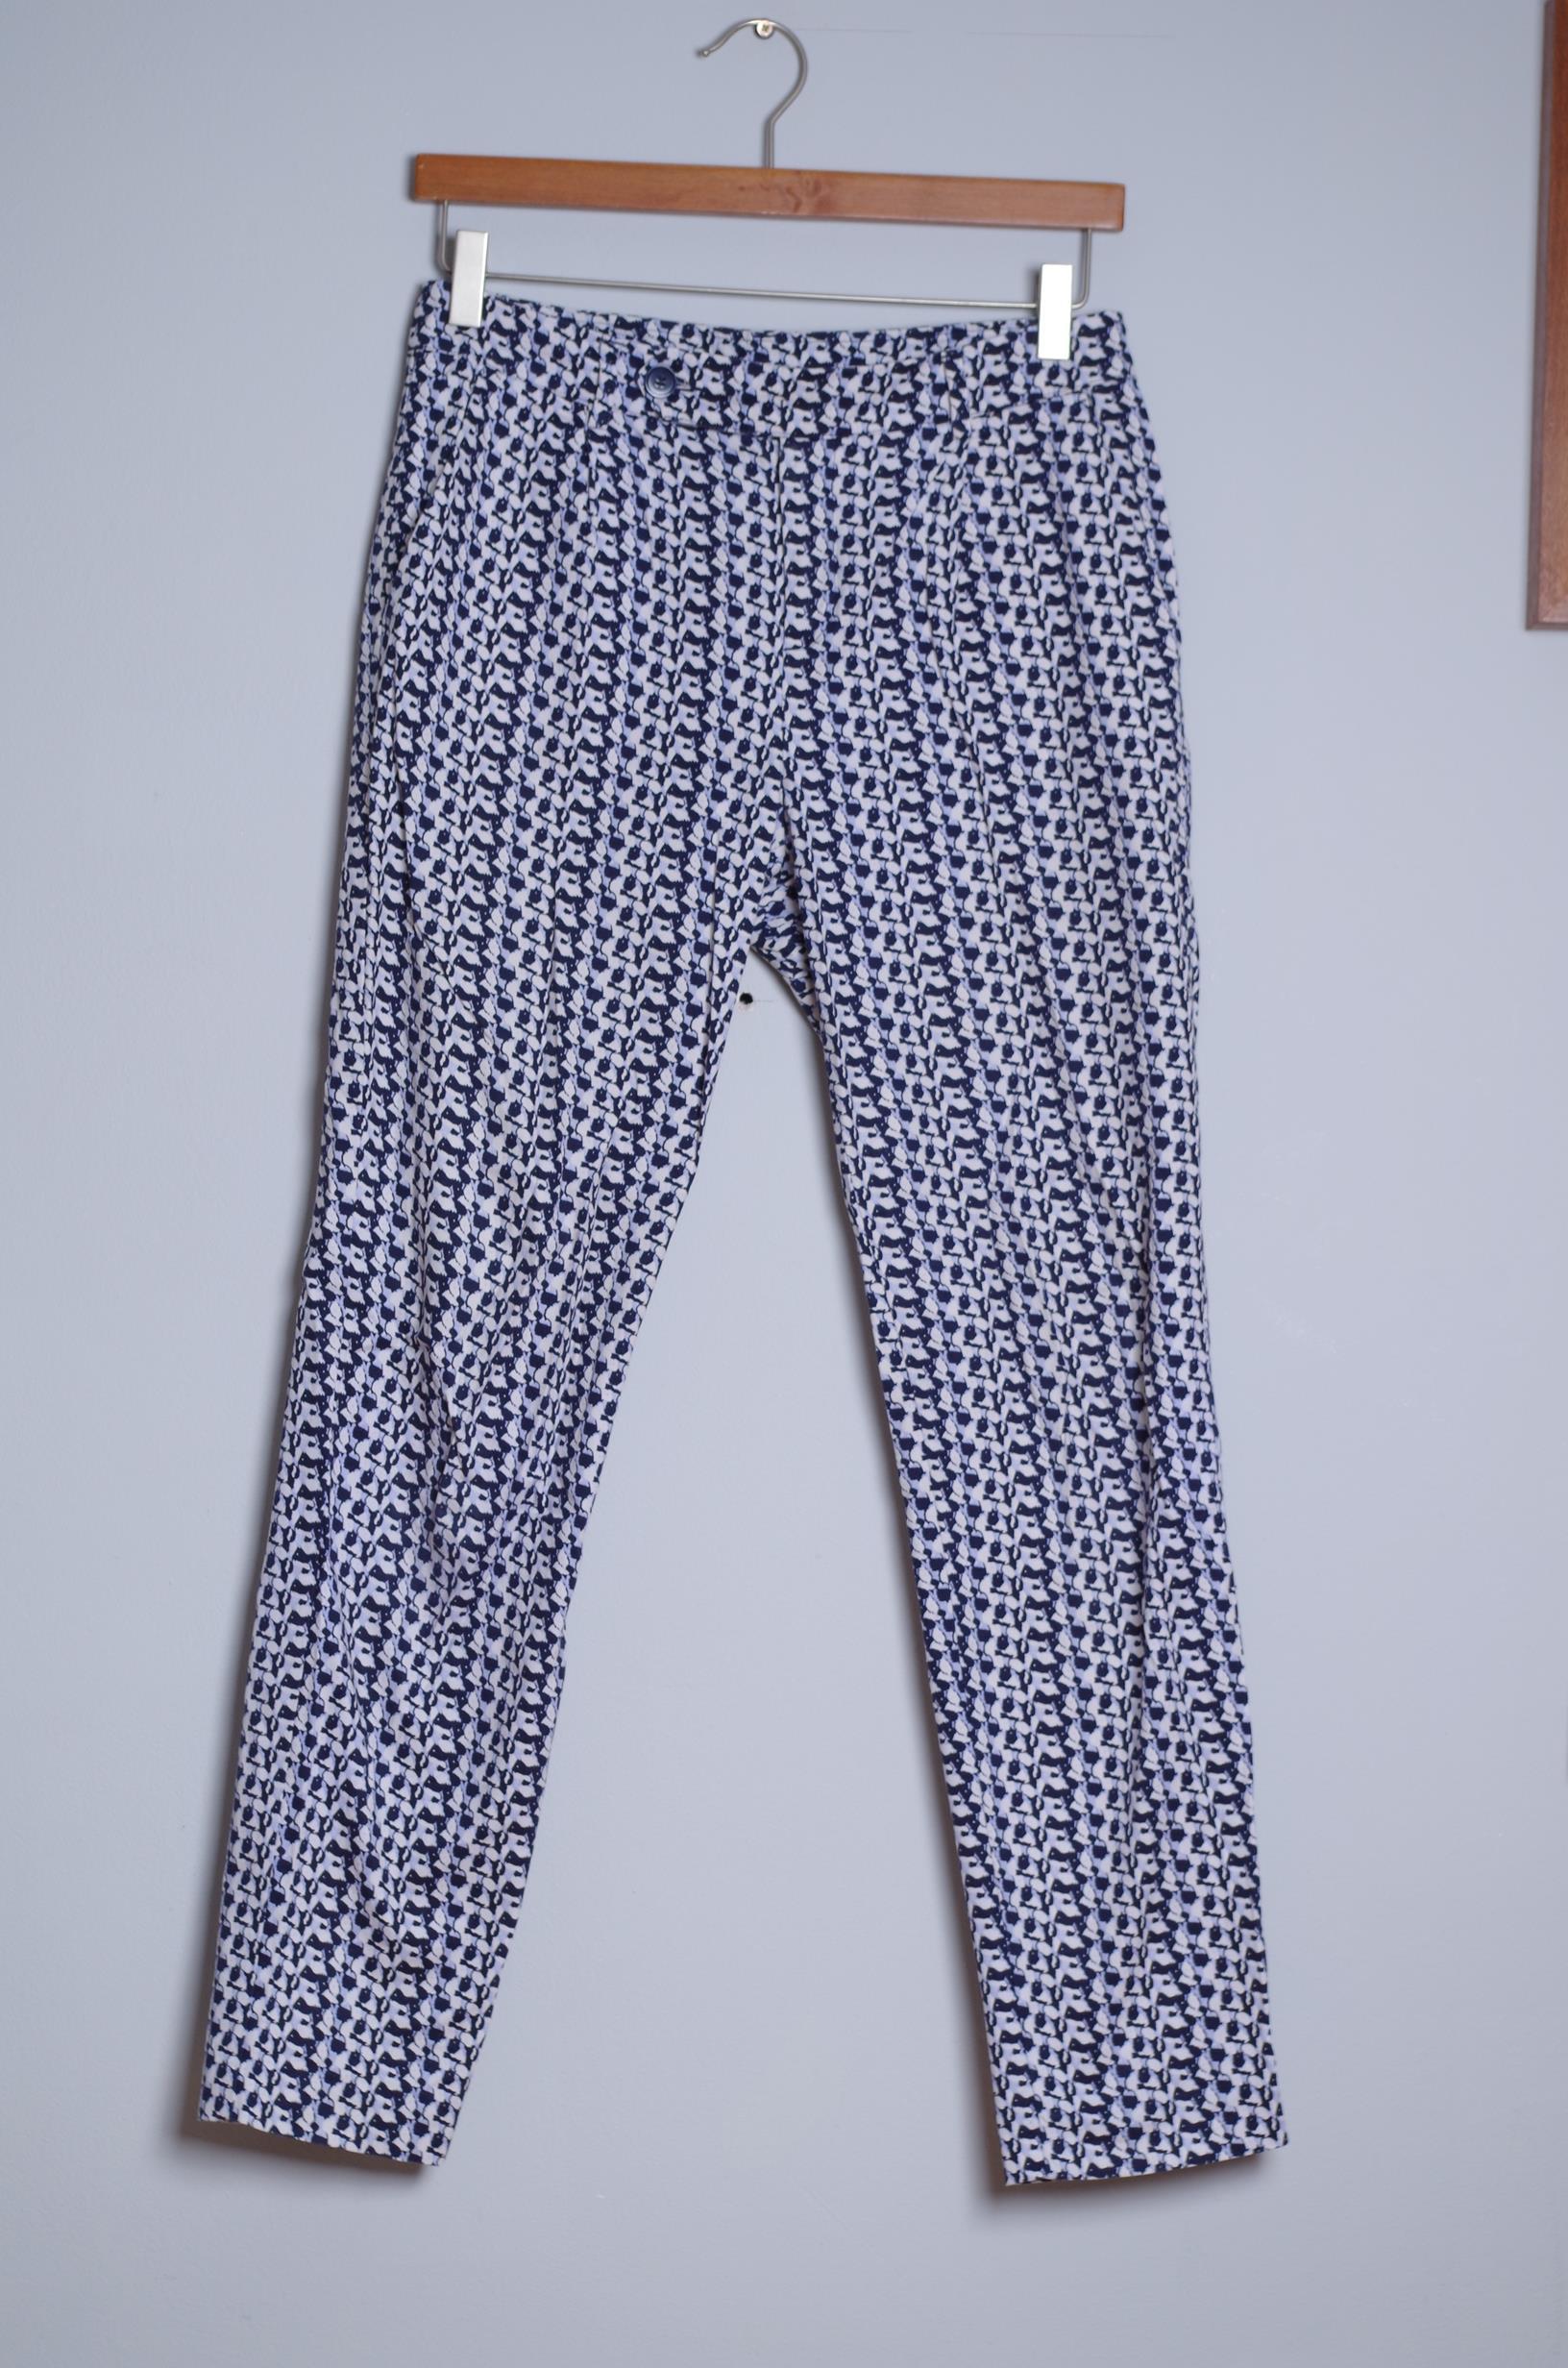 Spodnie BENETTON r. 36 kolorowe